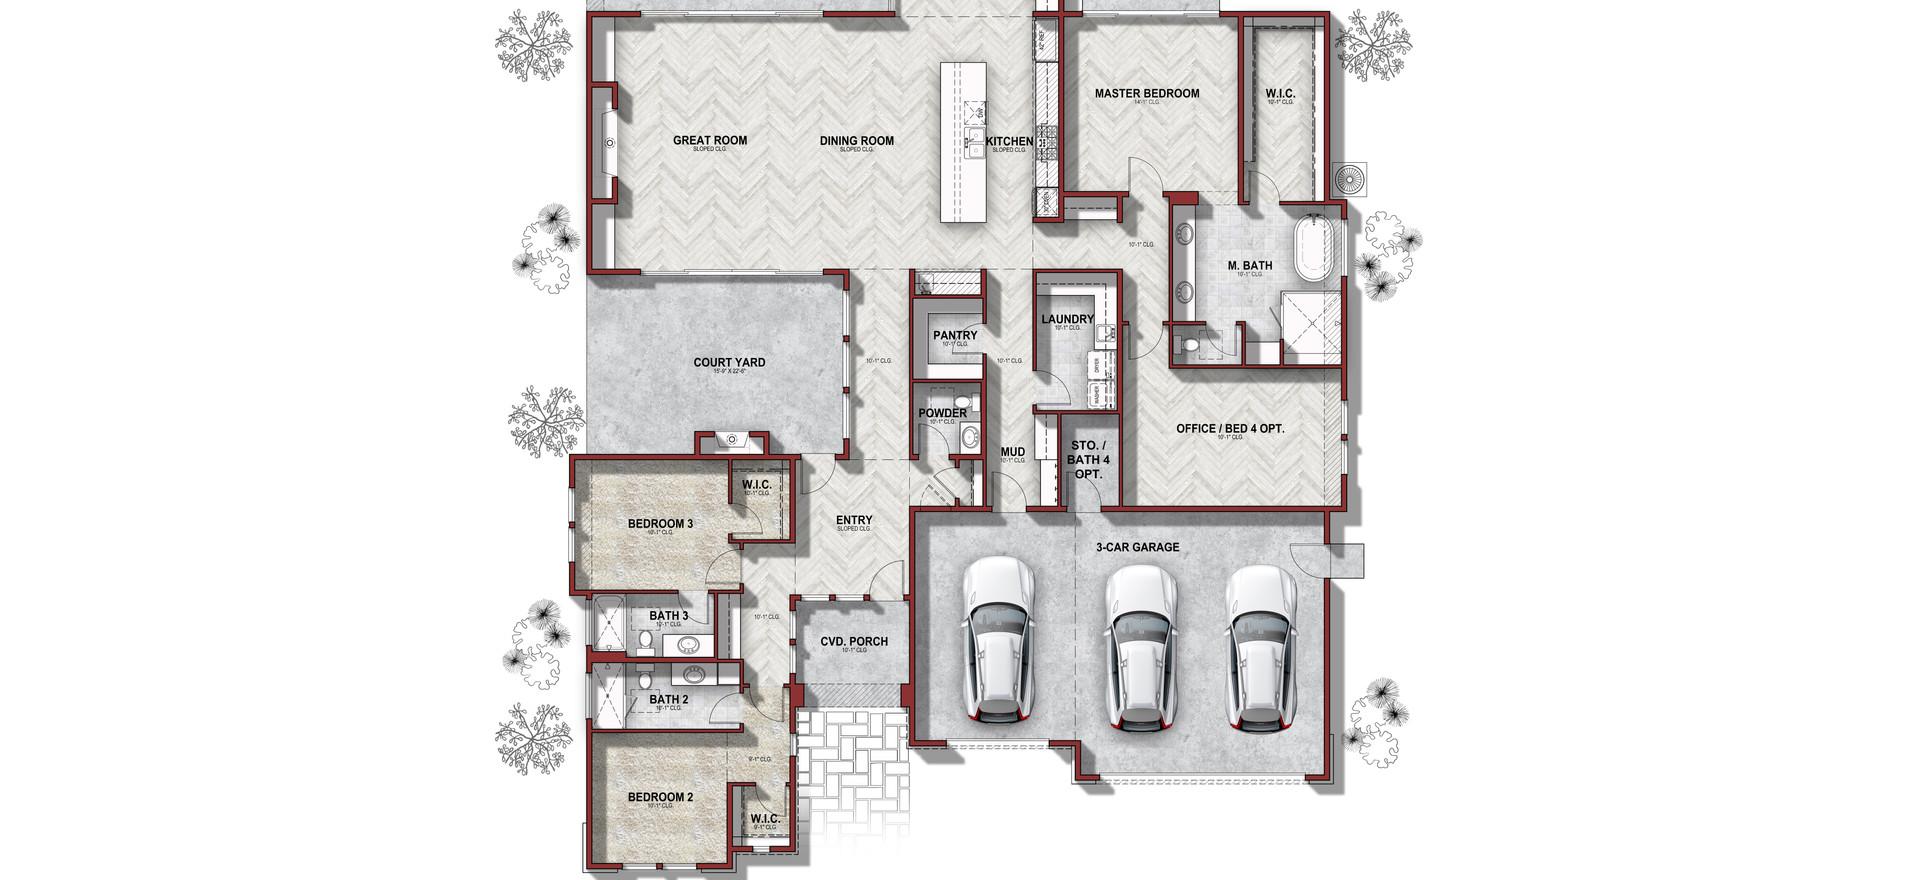 Plan 2B